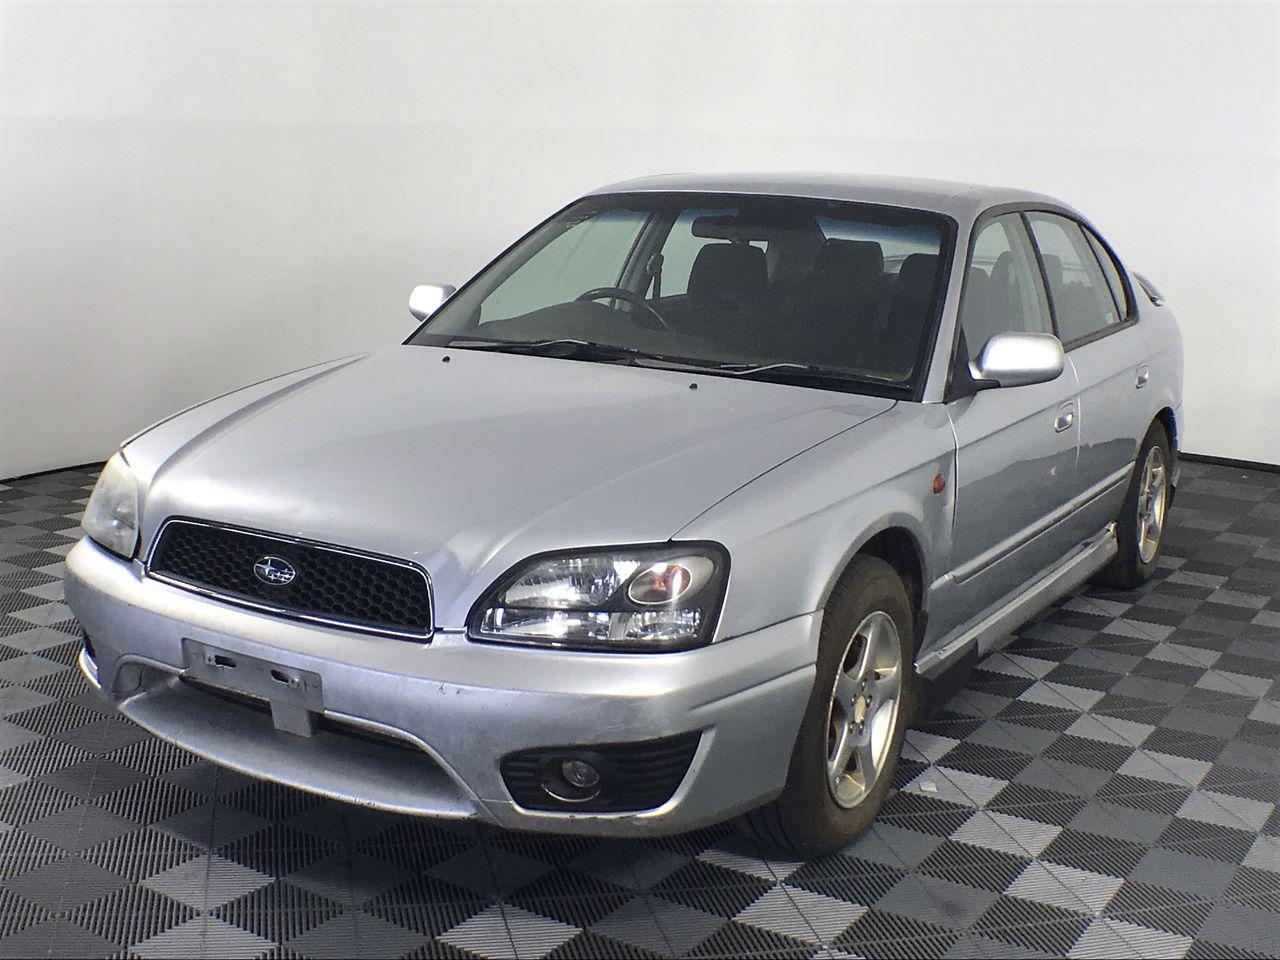 2002 Subaru Liberty RX B3 Manual Sedan